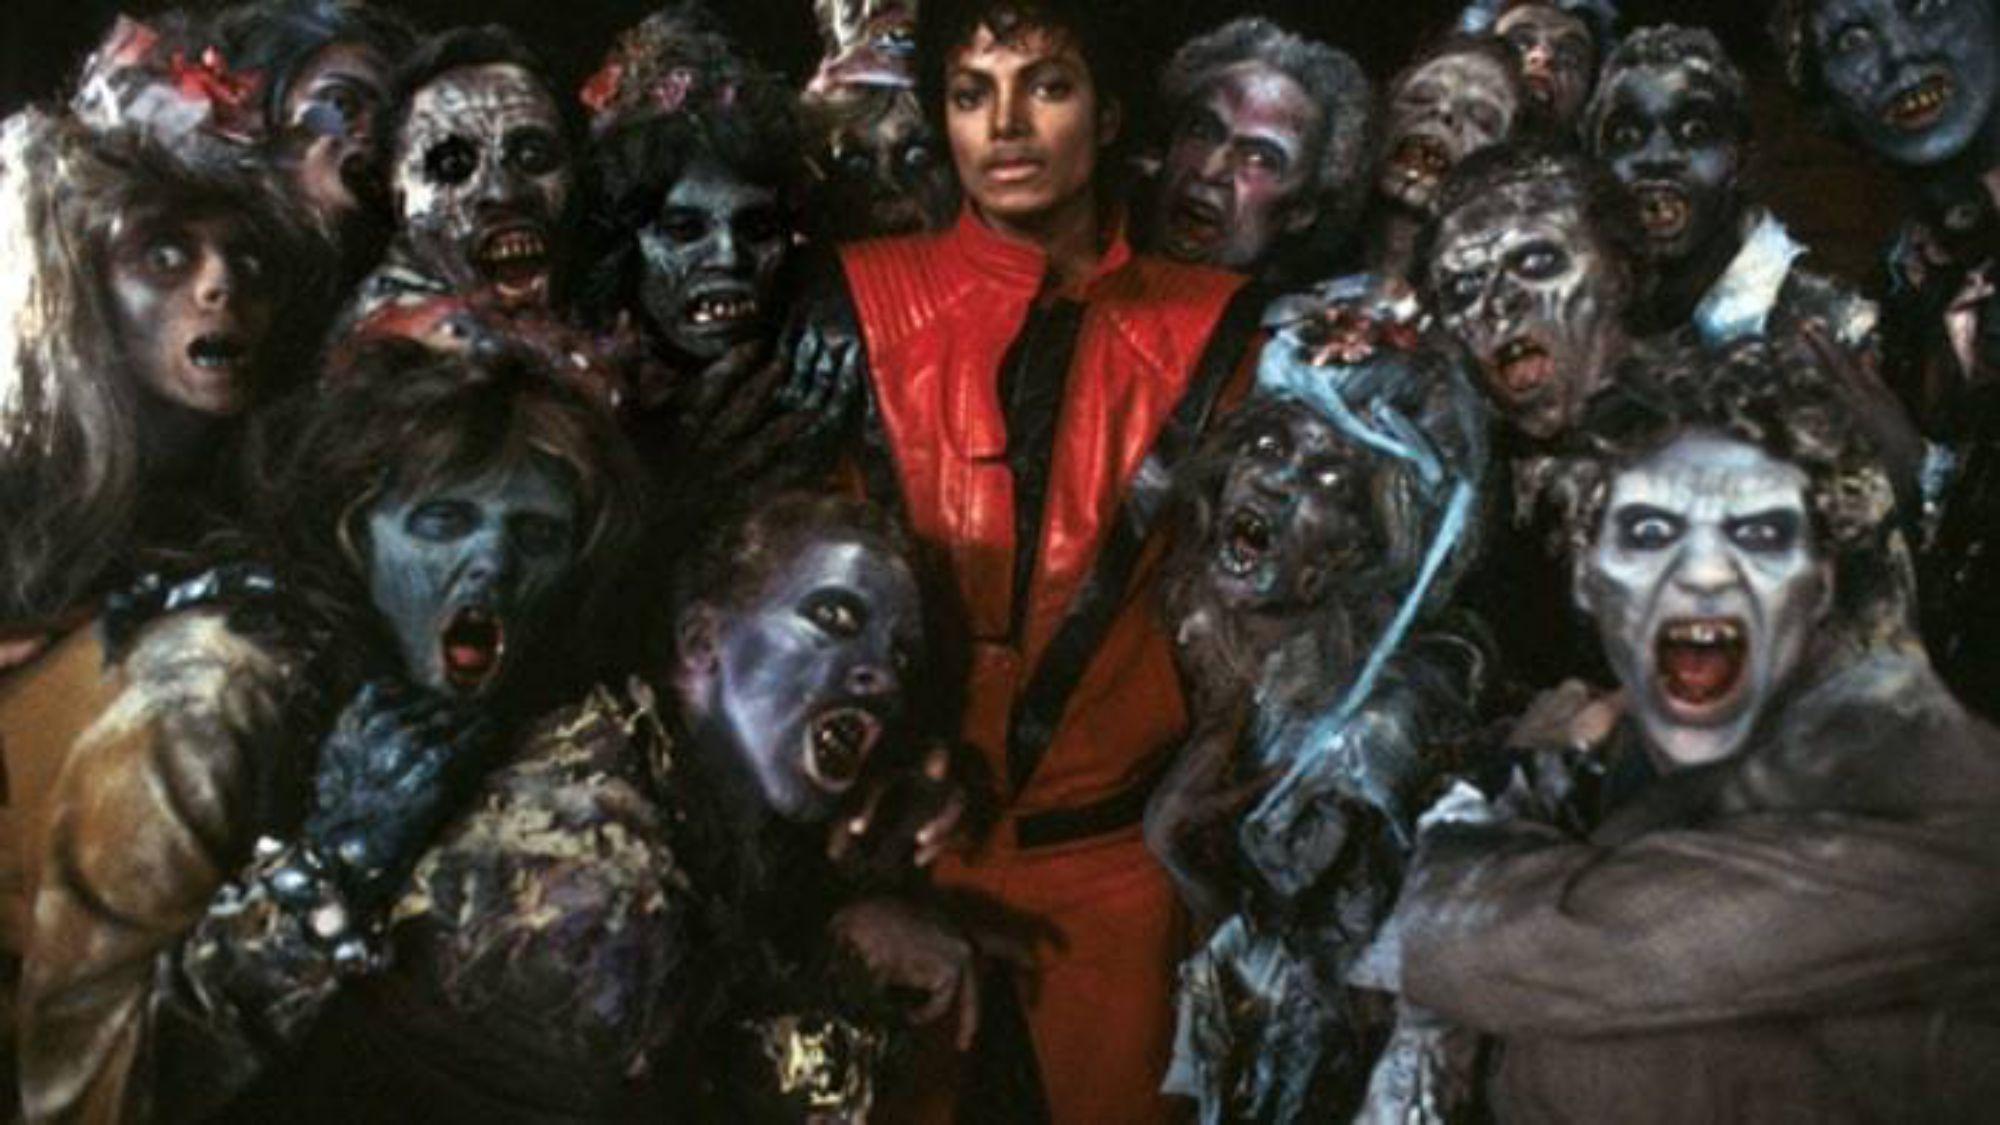 El videoclip y la canción de Thriller marcó un antes y un después. Foto: Facebook Michael Jackson.